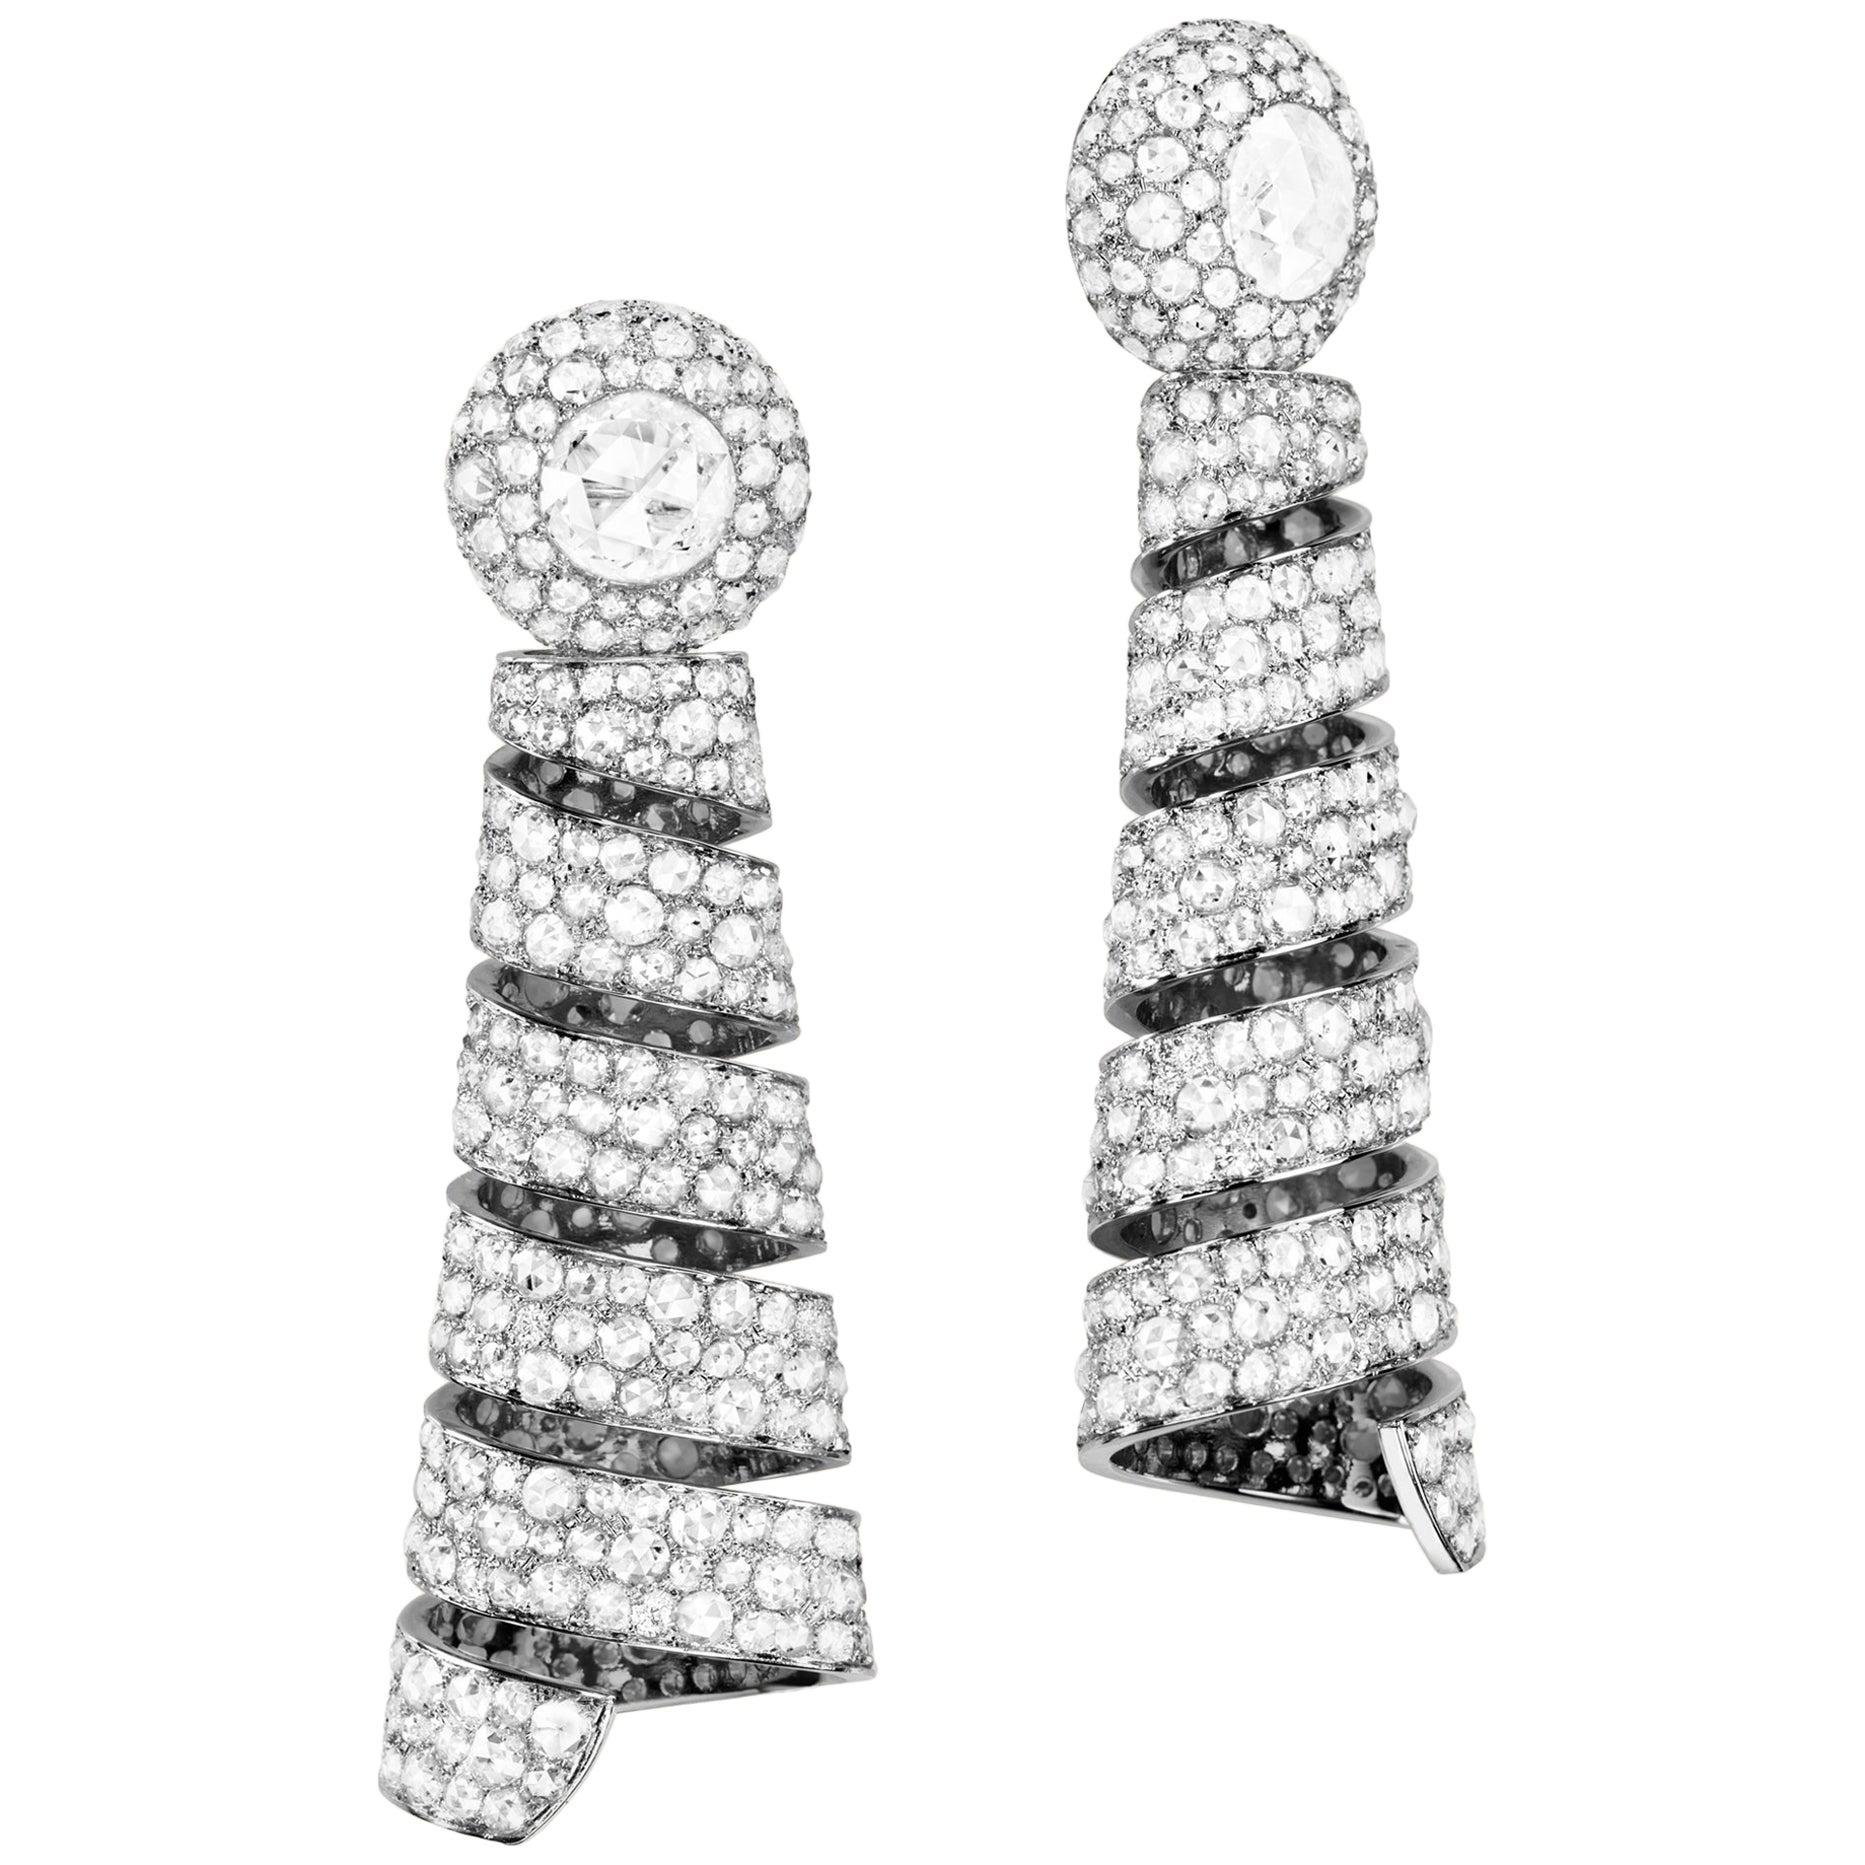 Sabbadini Vintage Inspired Diamond Pendant Earrings